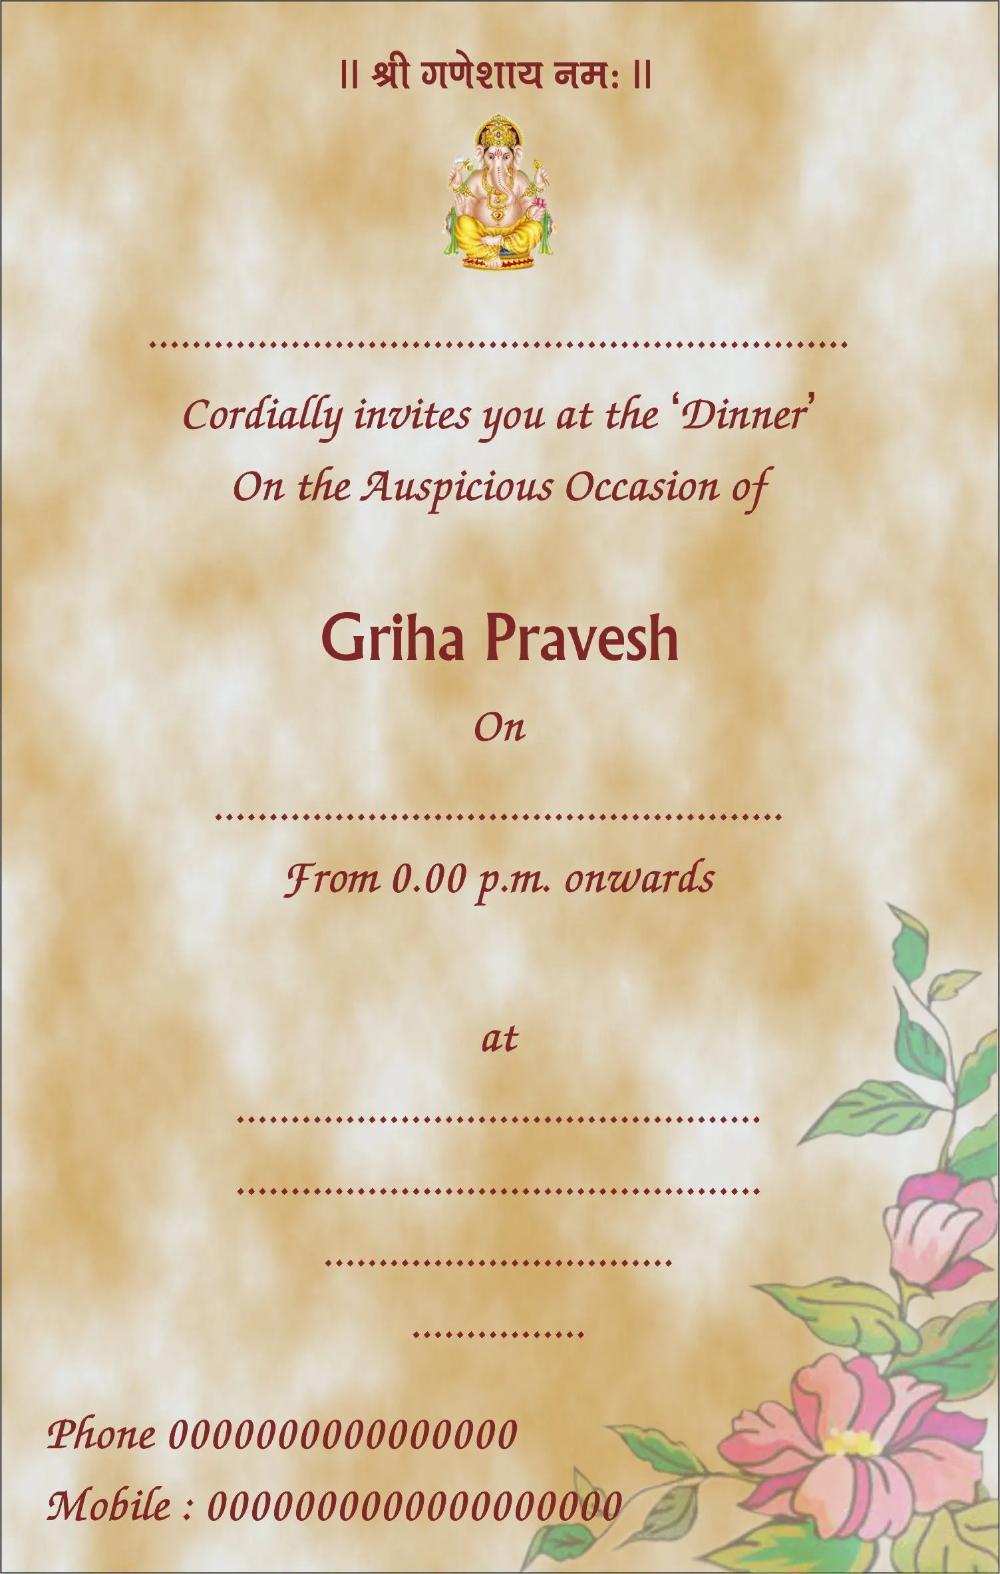 Birthday Invitation Discover Card Invitation Superb Invitation Superb Invitation